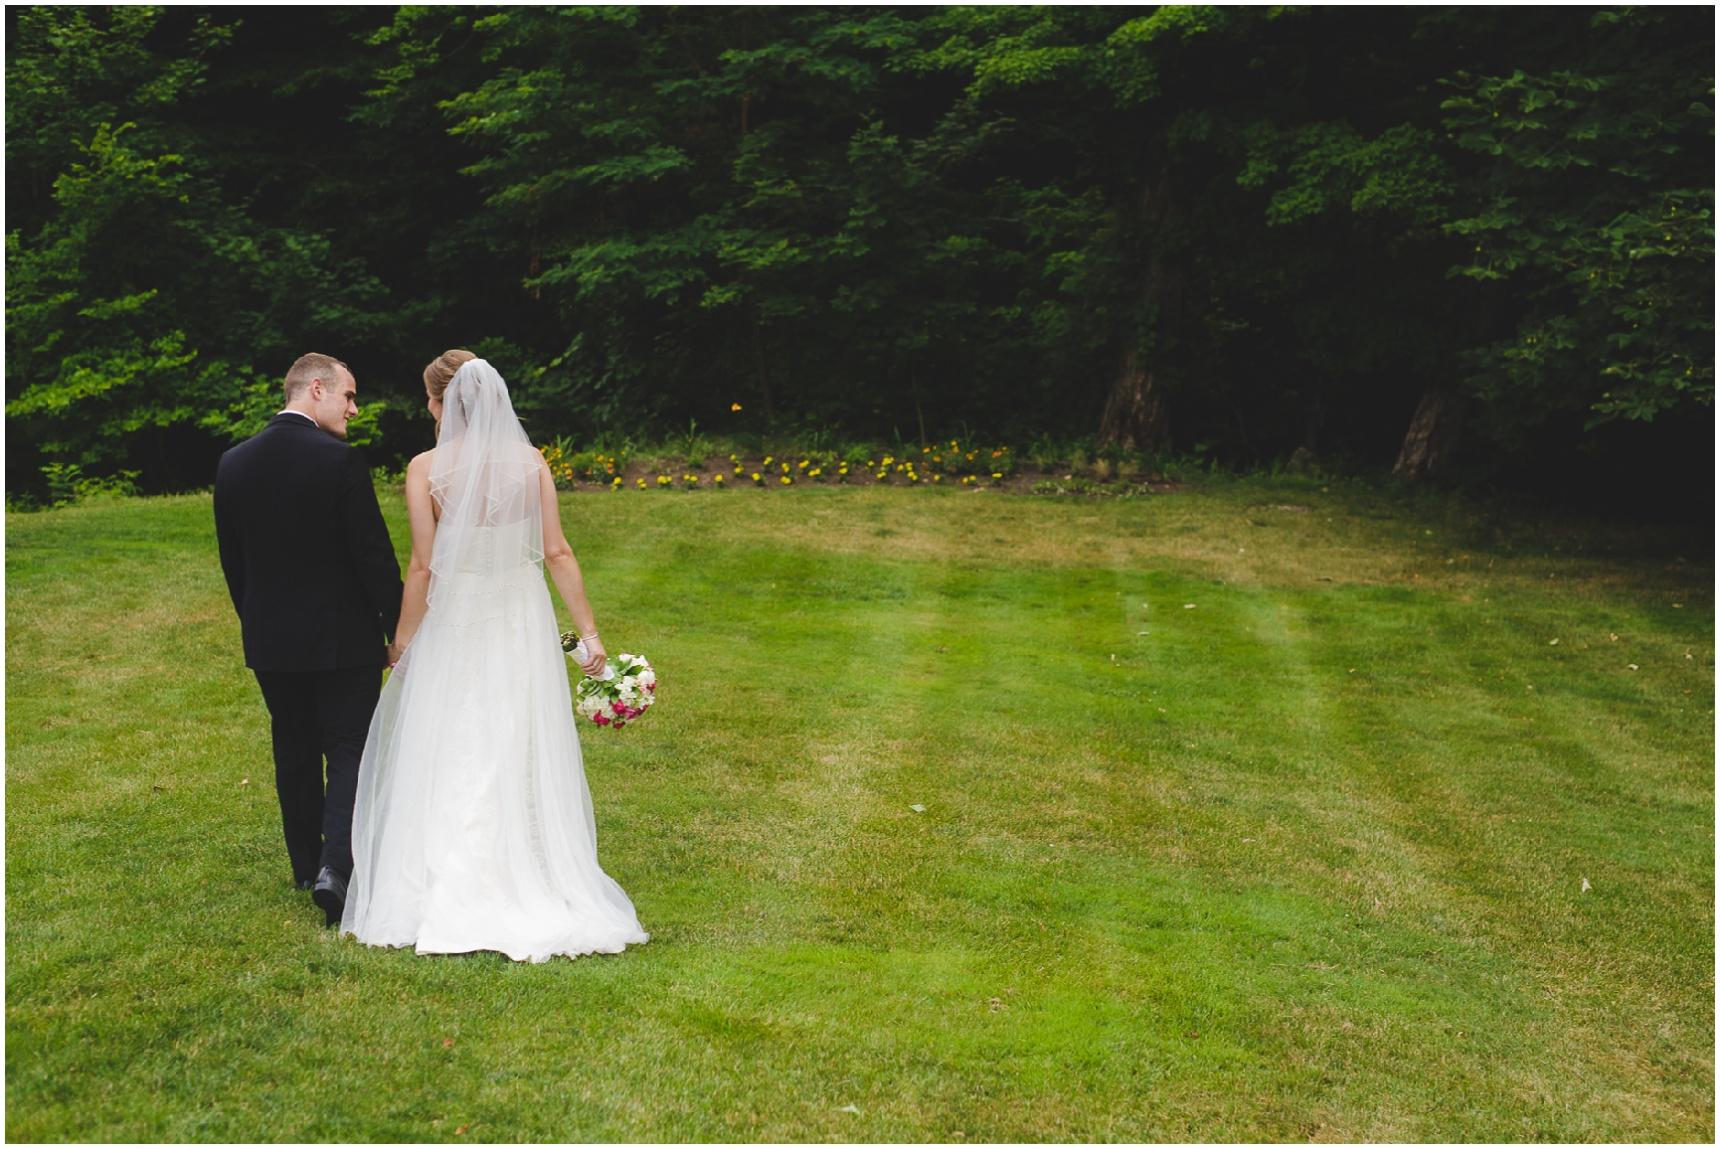 Buffalo-Avanti-Wedding-Photographer_035.jpg